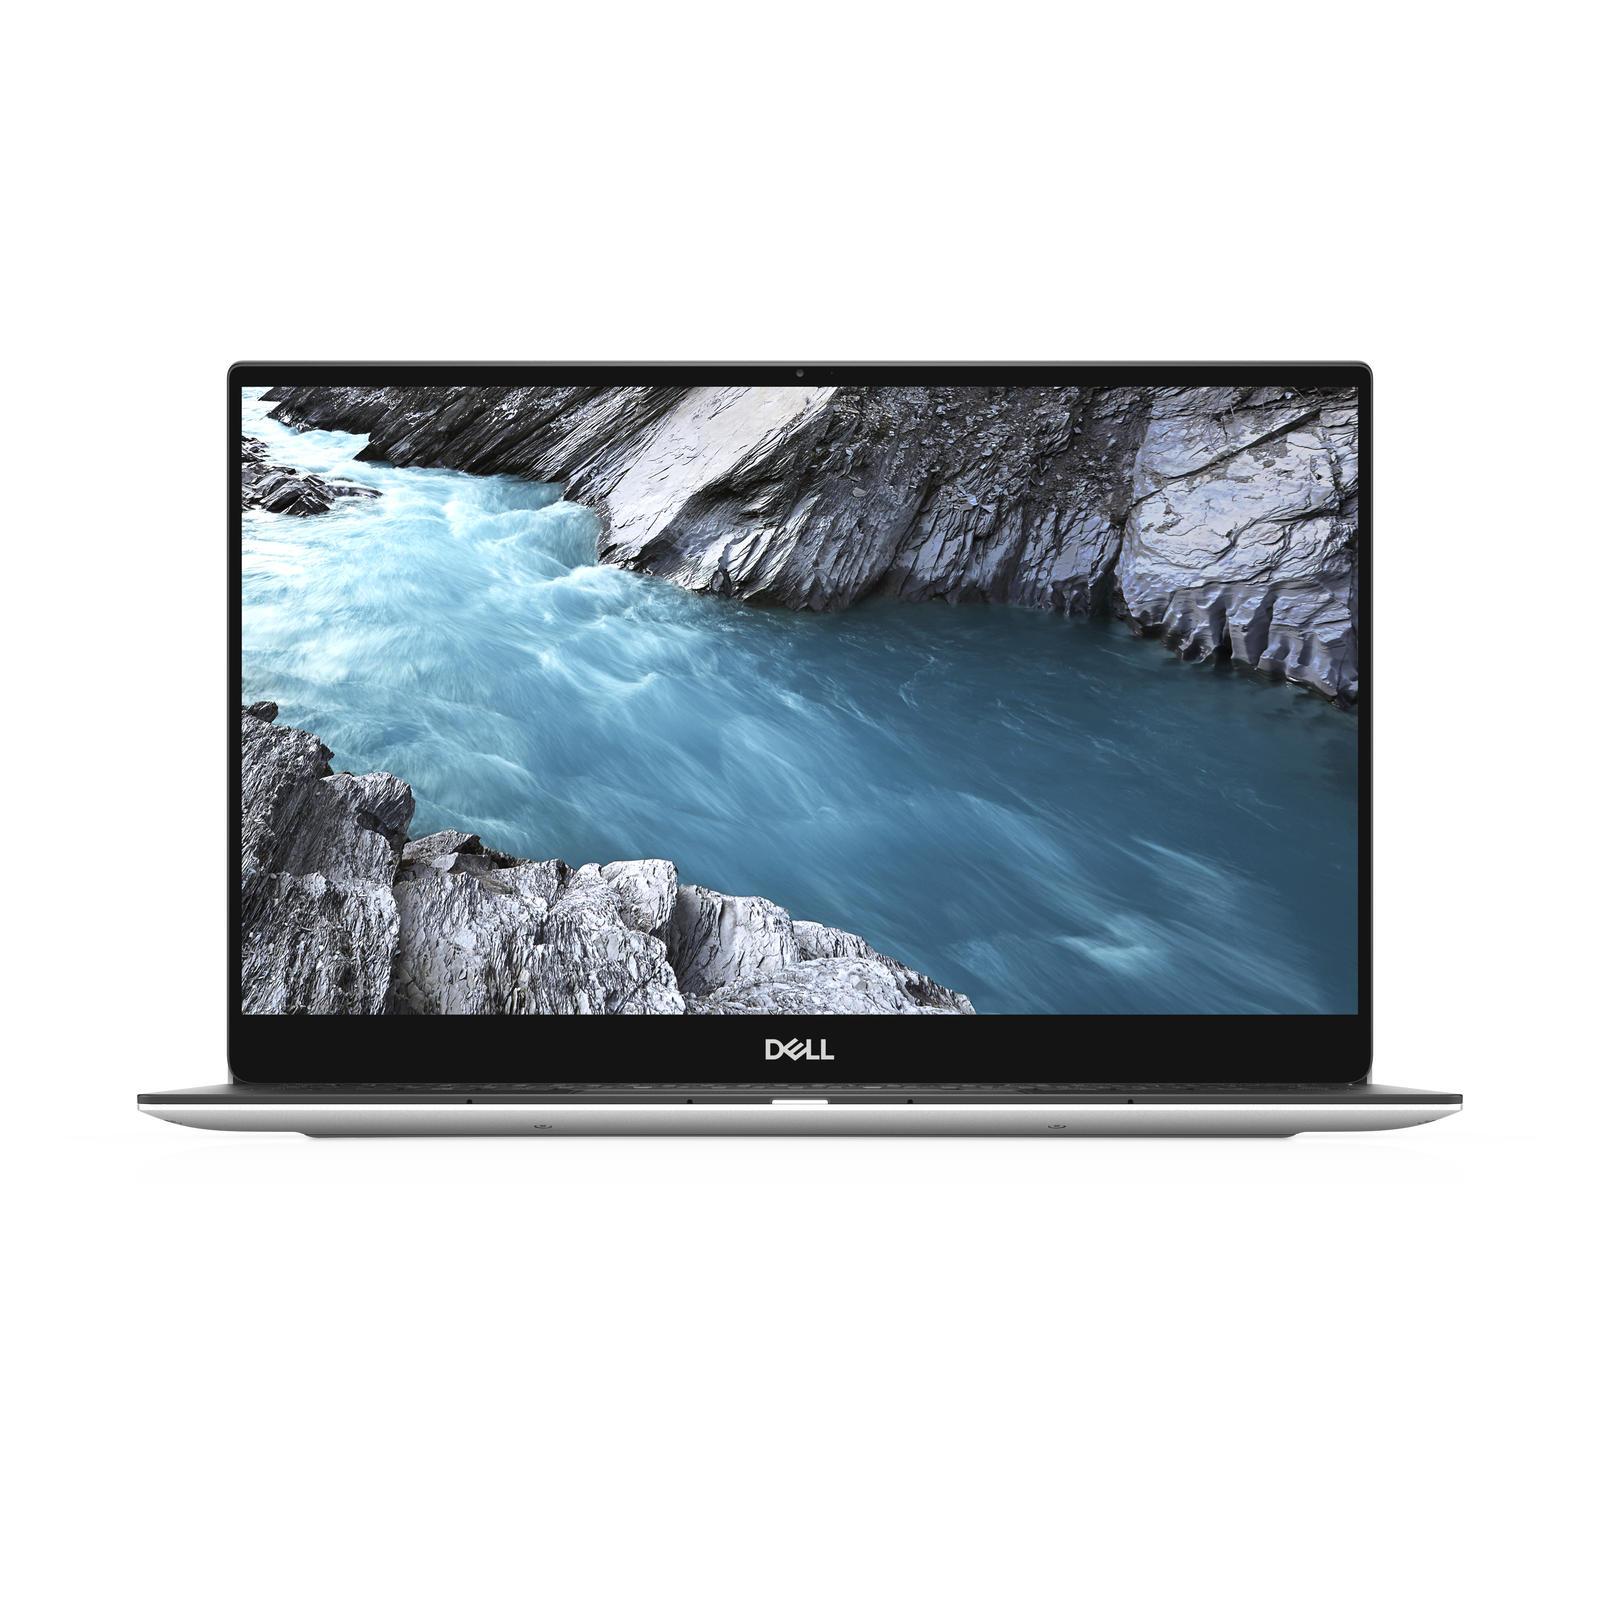 Dell XPS 13 (9380) 2019 i7-8565U, 1TB SSD, 16GB RAM, 4K-Touch-Display (Vollausstattung?)